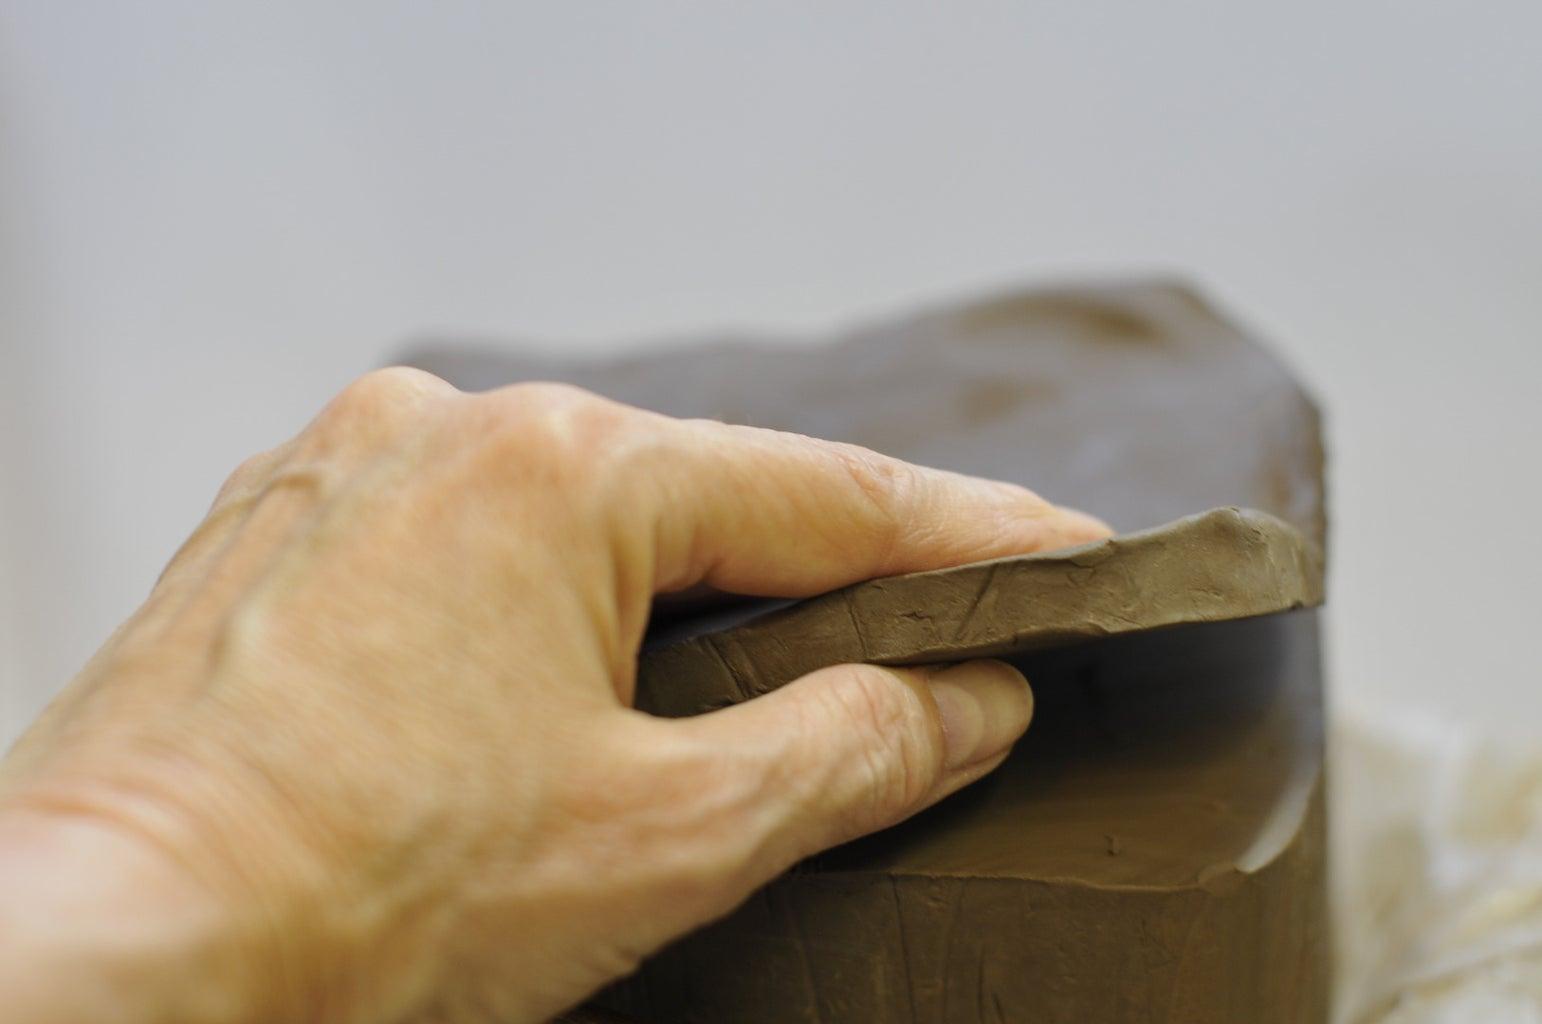 Cut the Clay